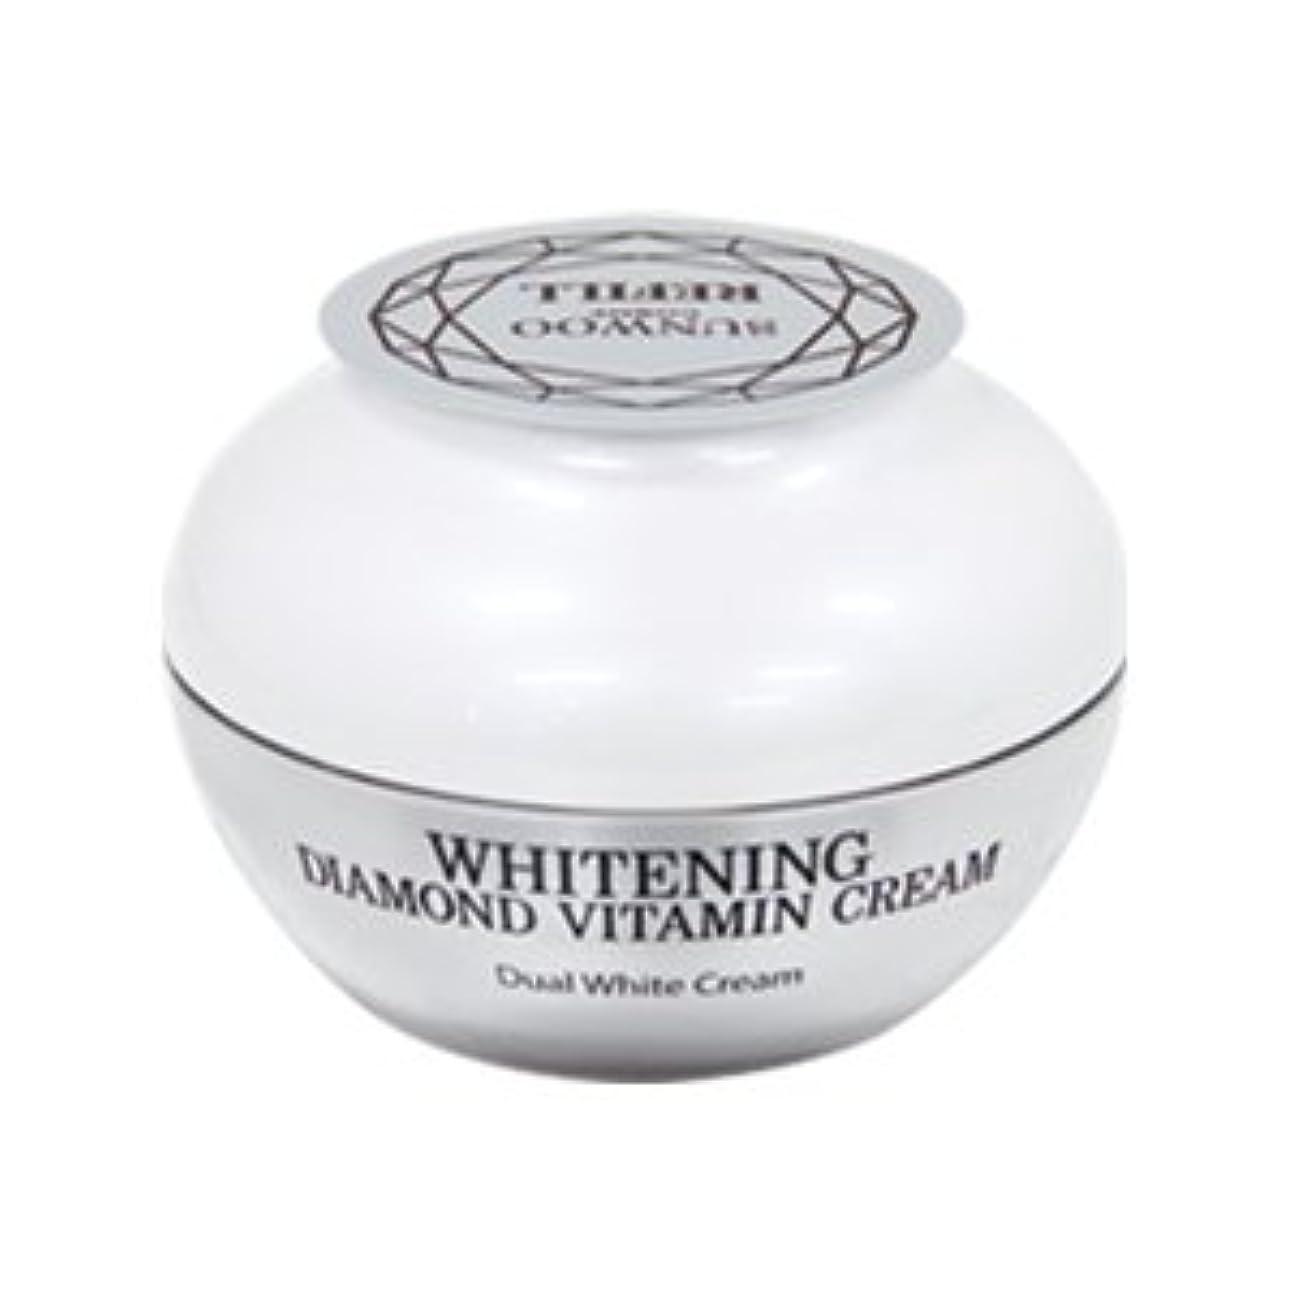 欲望バイオリンシニスWhitening Diamond Vitamin Cream(詰替え)